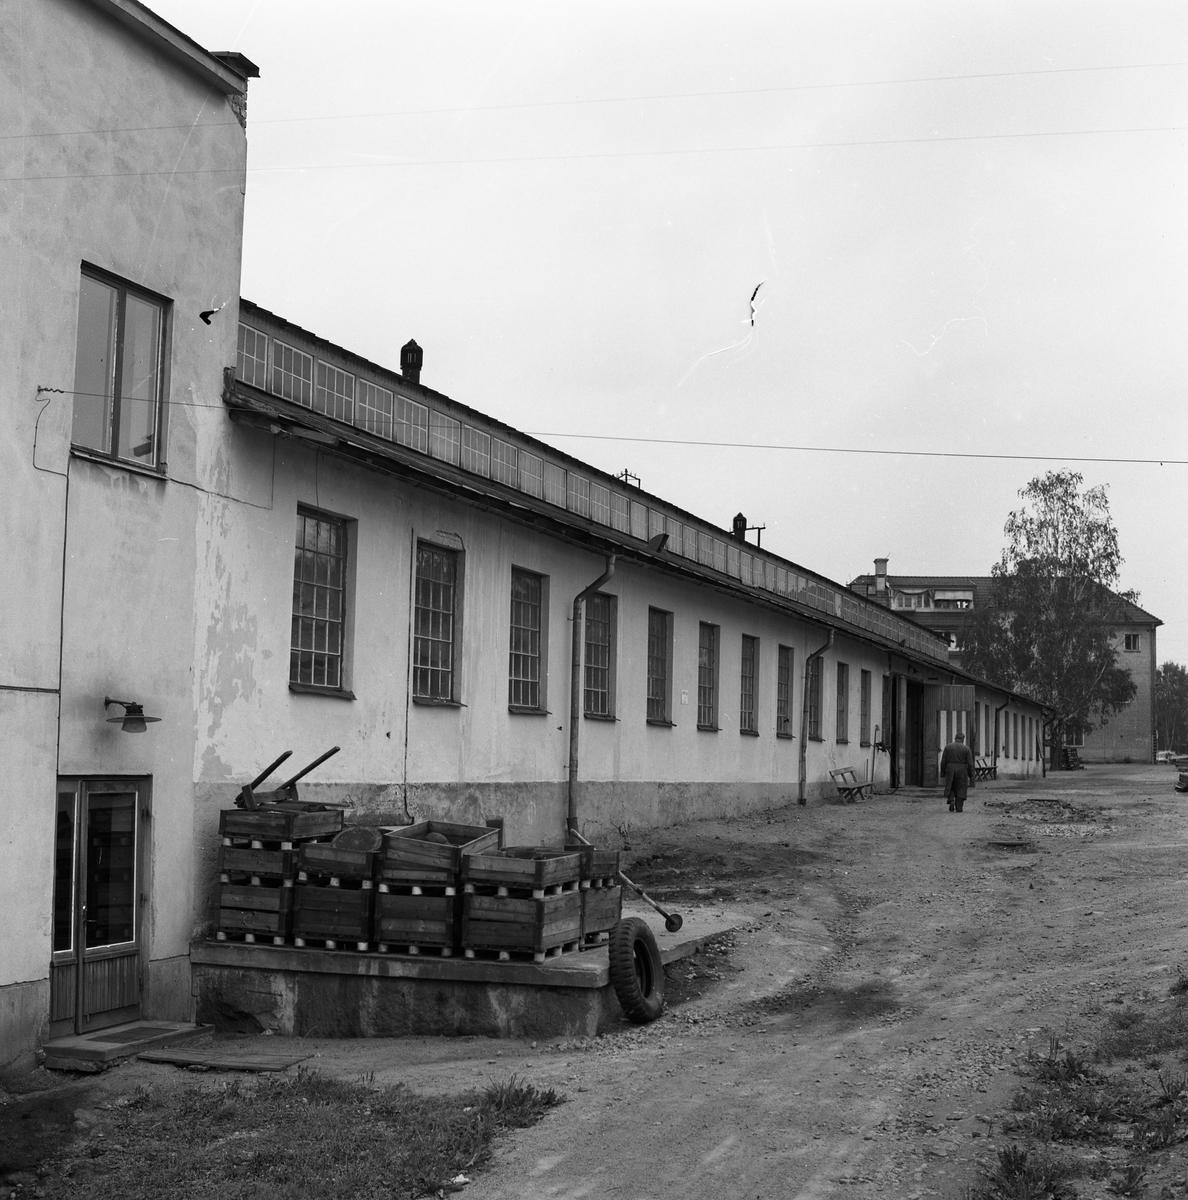 Exteriör av maskinverkstaden vid Meken, Arboga Mekaniska Verkstad på 1960-talet. Verkstaden är en lång byggnad. Till vänster ses en entré med glasdörr. Utanför dörren ligger trälådor staplade. En man går på vägen intill byggnaden.  25 september 1856 fick AB Arboga Mekaniska Verkstad rättigheter att anlägga järngjuteri och mekanisk verkstad. Verksamheten startade 1858. Meken var först i landet med att installera en elektrisk motor för drift av verktygsmaskiner vid en taktransmission (1887).  Gjuteriet lades ner 1967. Den mekaniska verkstaden lades ner på 1980-talet. Läs om Meken i Hembygdsföreningen Arboga Minnes årsbok från 1982.